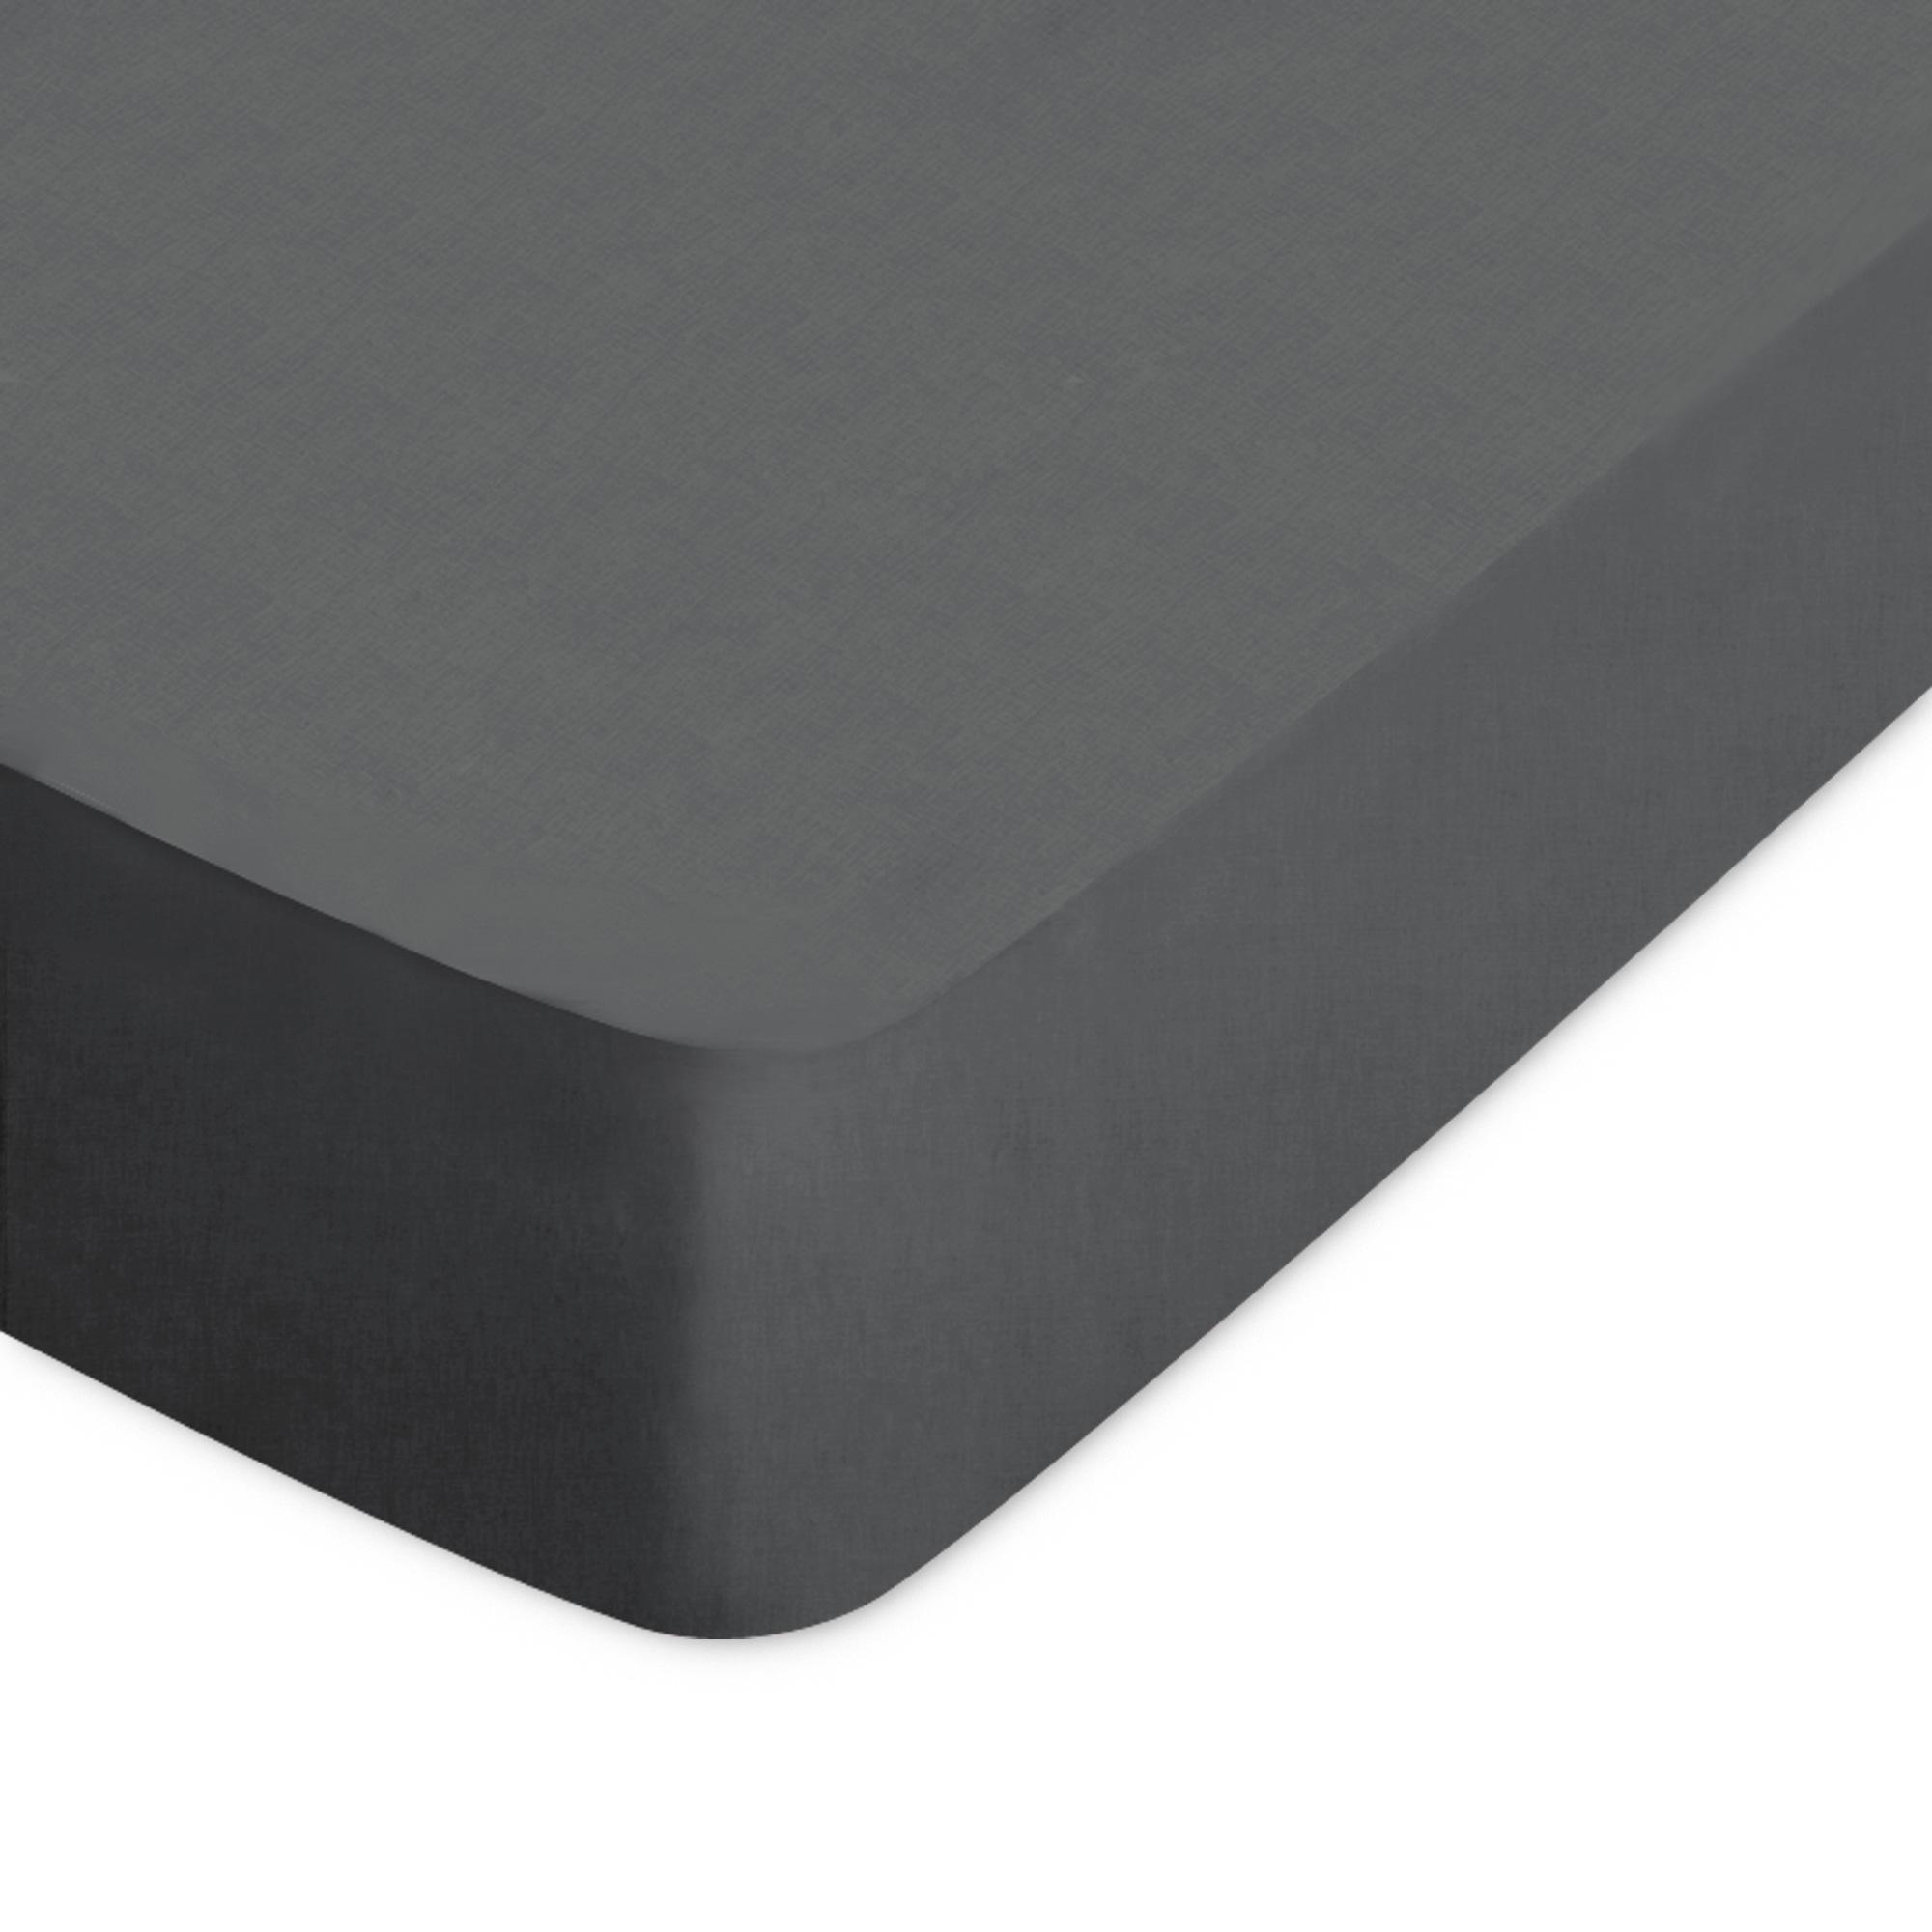 drap housse 100 x 200 cm stunning drap housse x pas cher. Black Bedroom Furniture Sets. Home Design Ideas